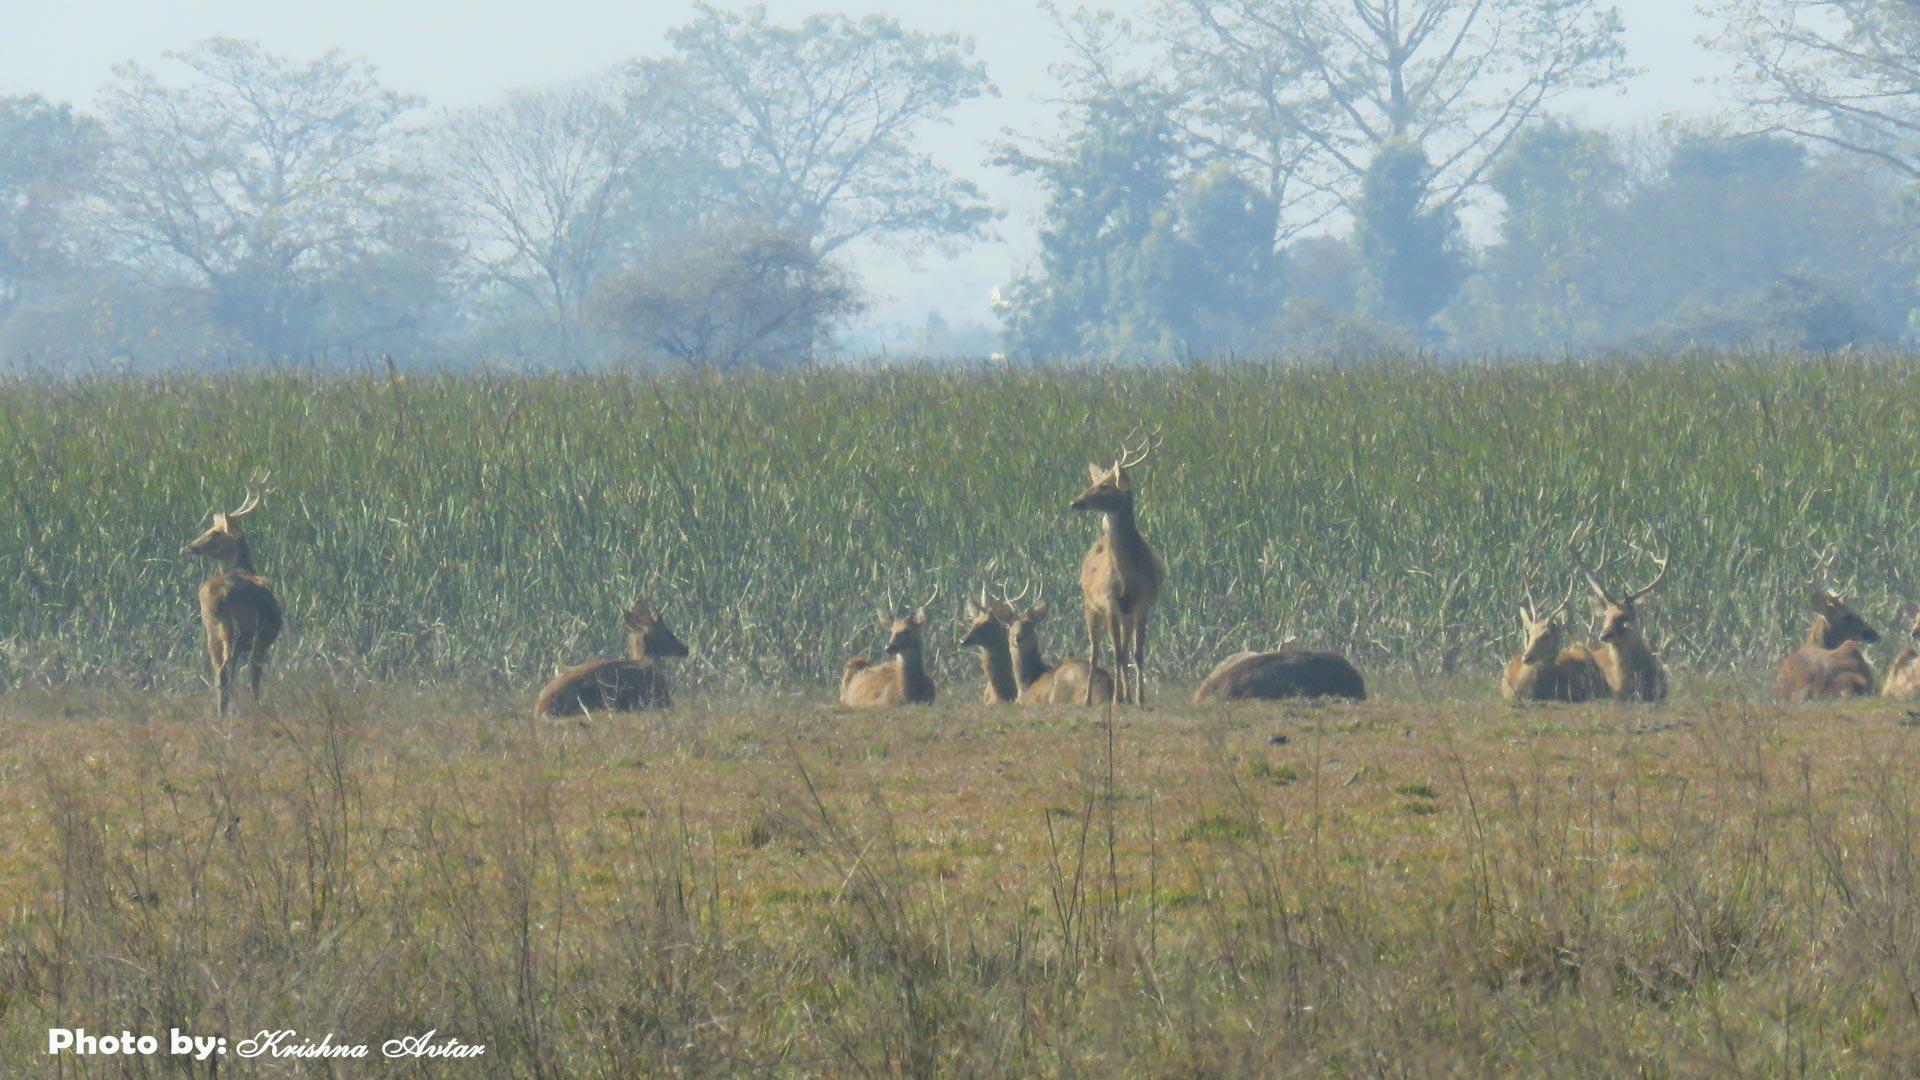 Swamp Deer at Wetland